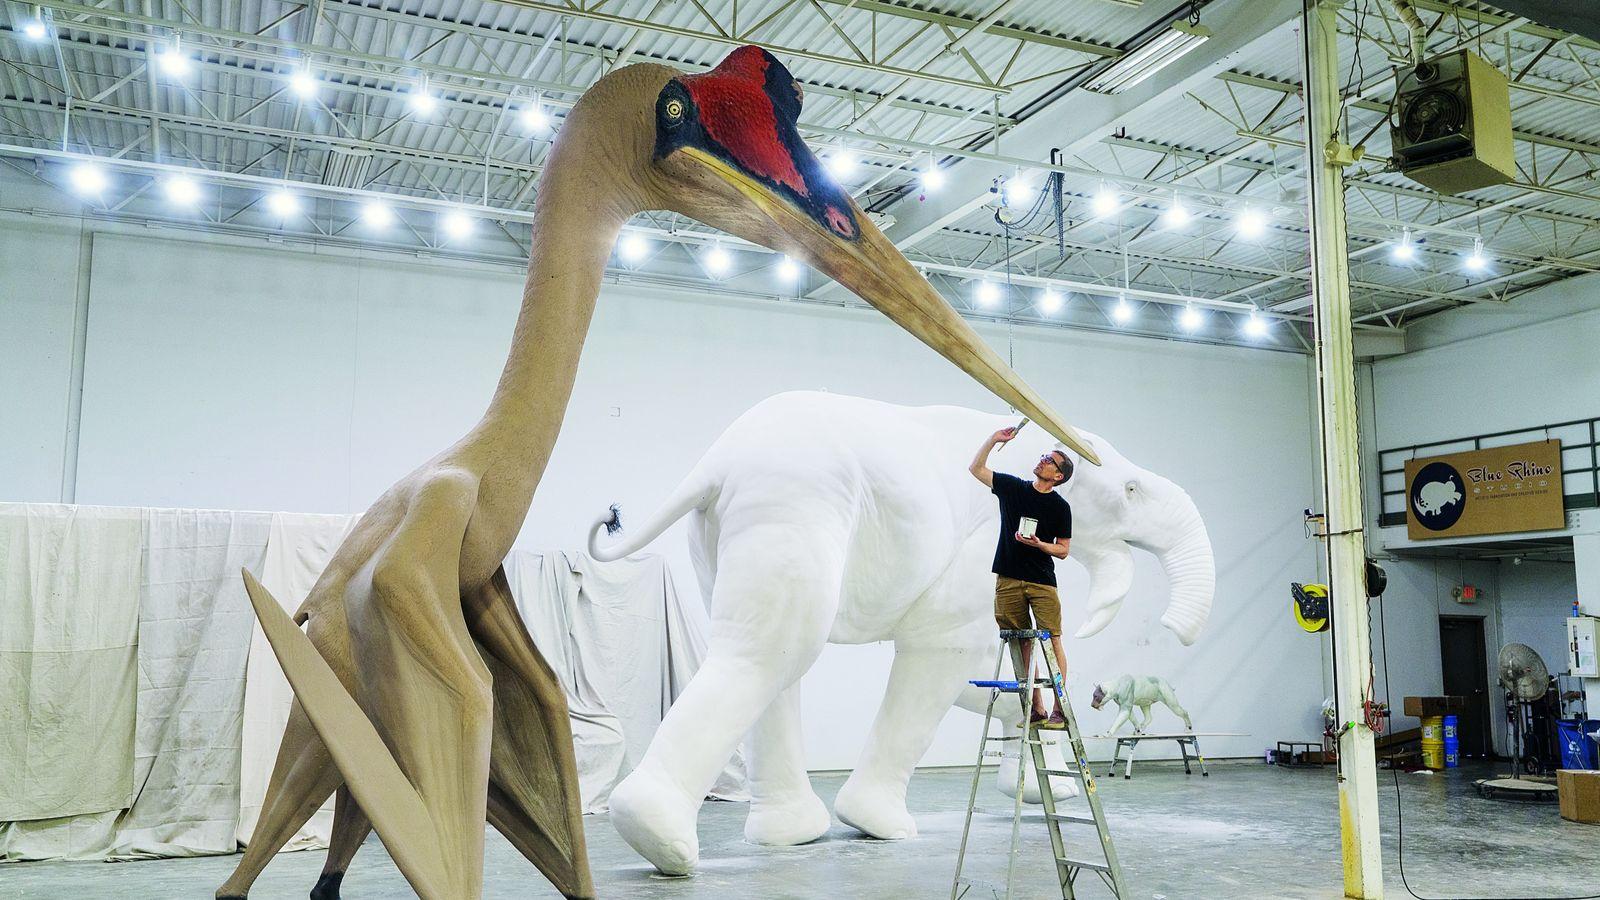 Quetzalcoatlus northropi est presque aussi haut qu'une girafe et a l'envergure d'un avion de chasse. Cette ...